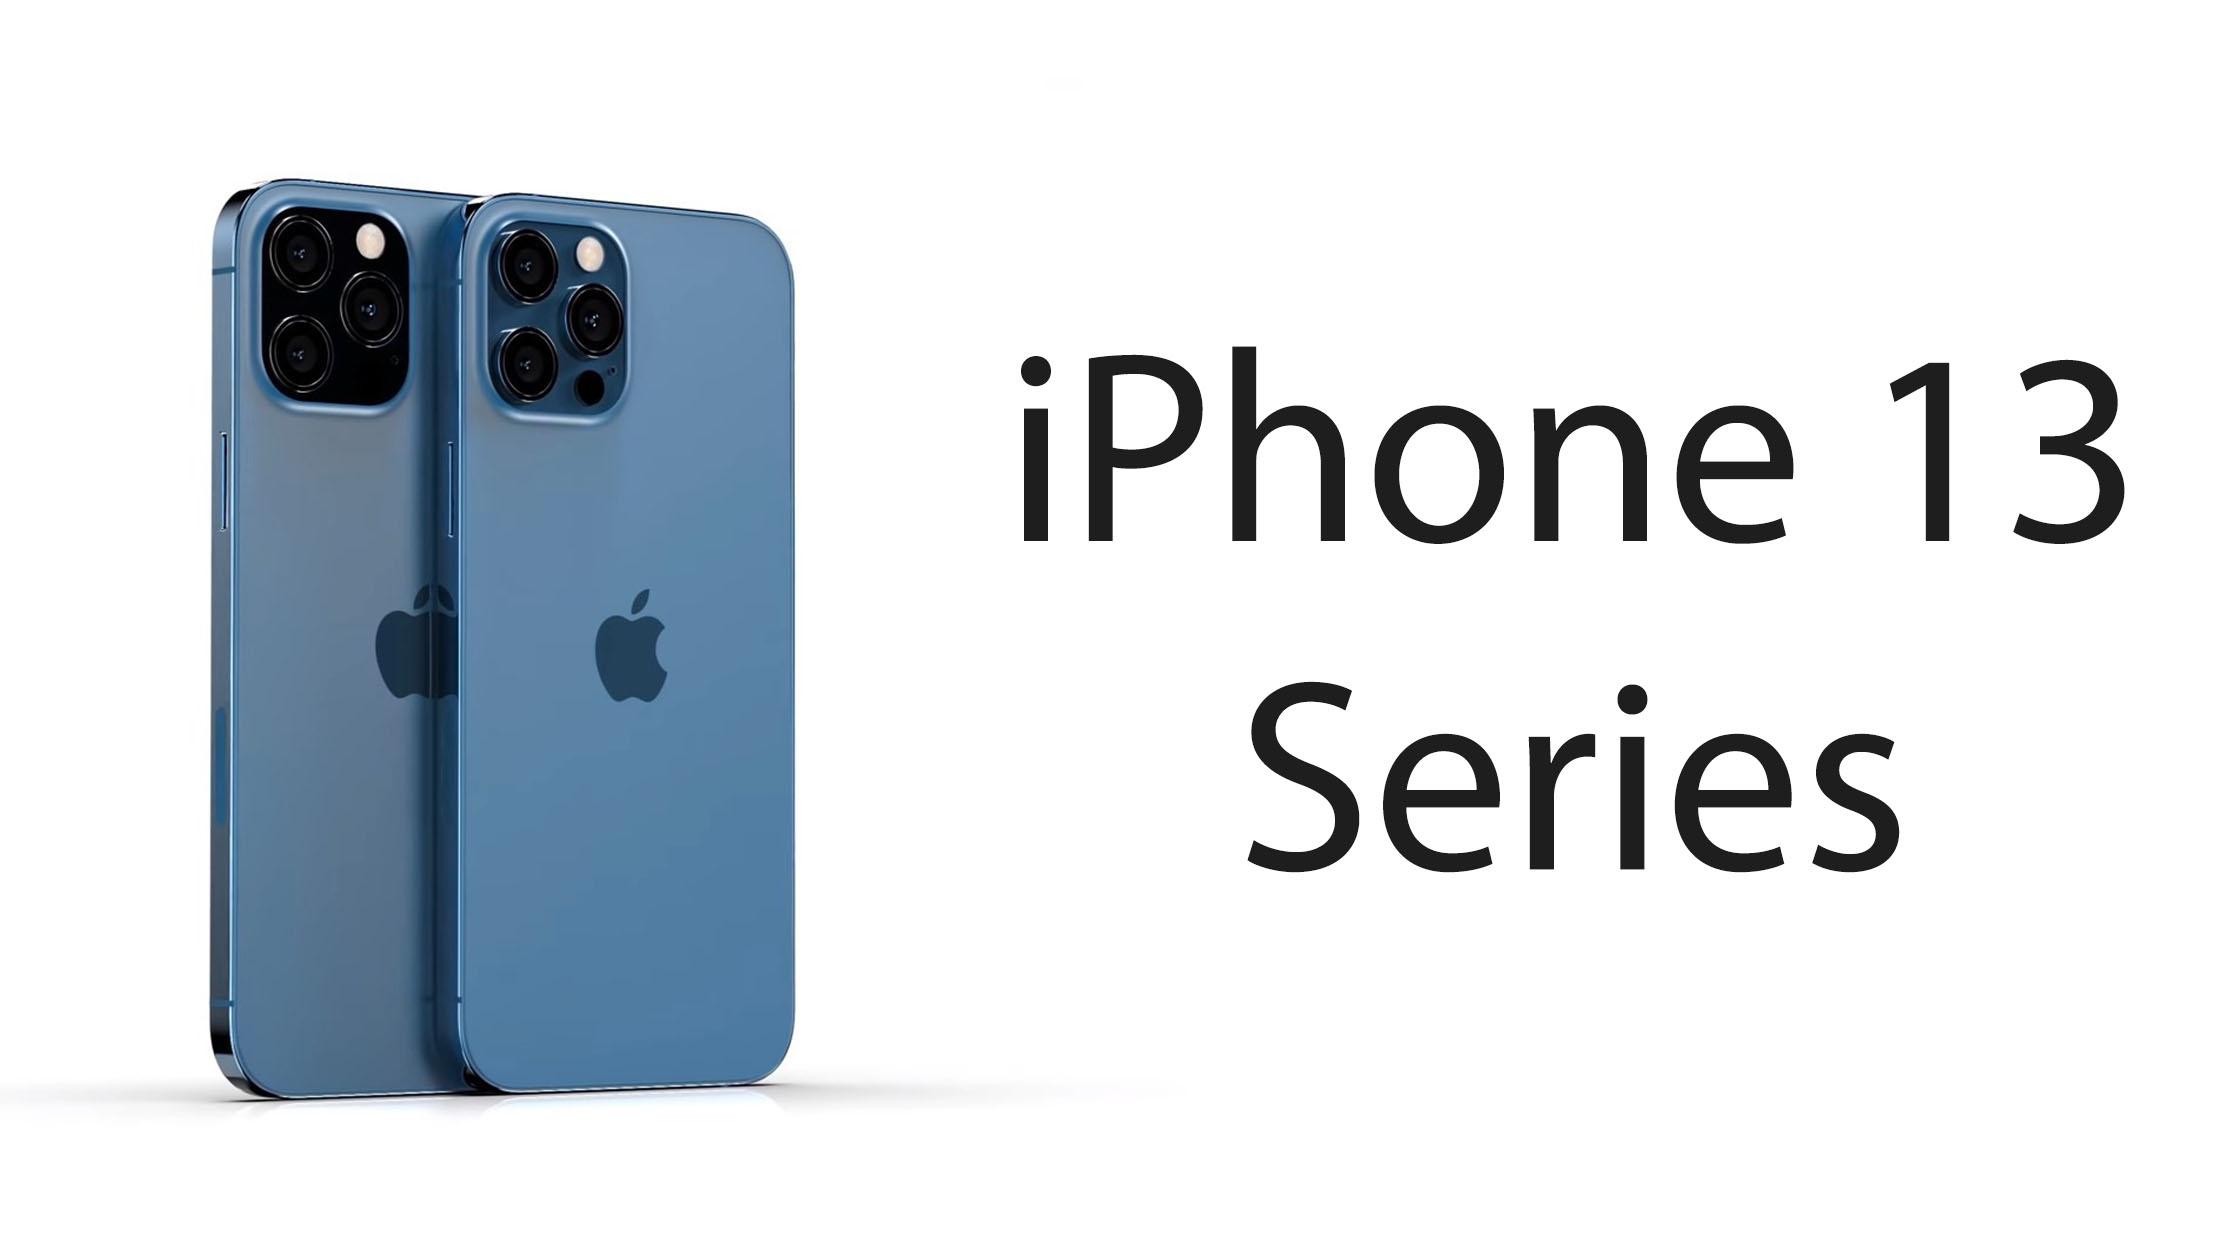 বহু প্রতিক্ষিত iPhone-13 সিরিজ লঞ্চ হচ্ছে ১৪ সেপ্টেম্বর : একনজরে সেরা ১৩টি ফিচার